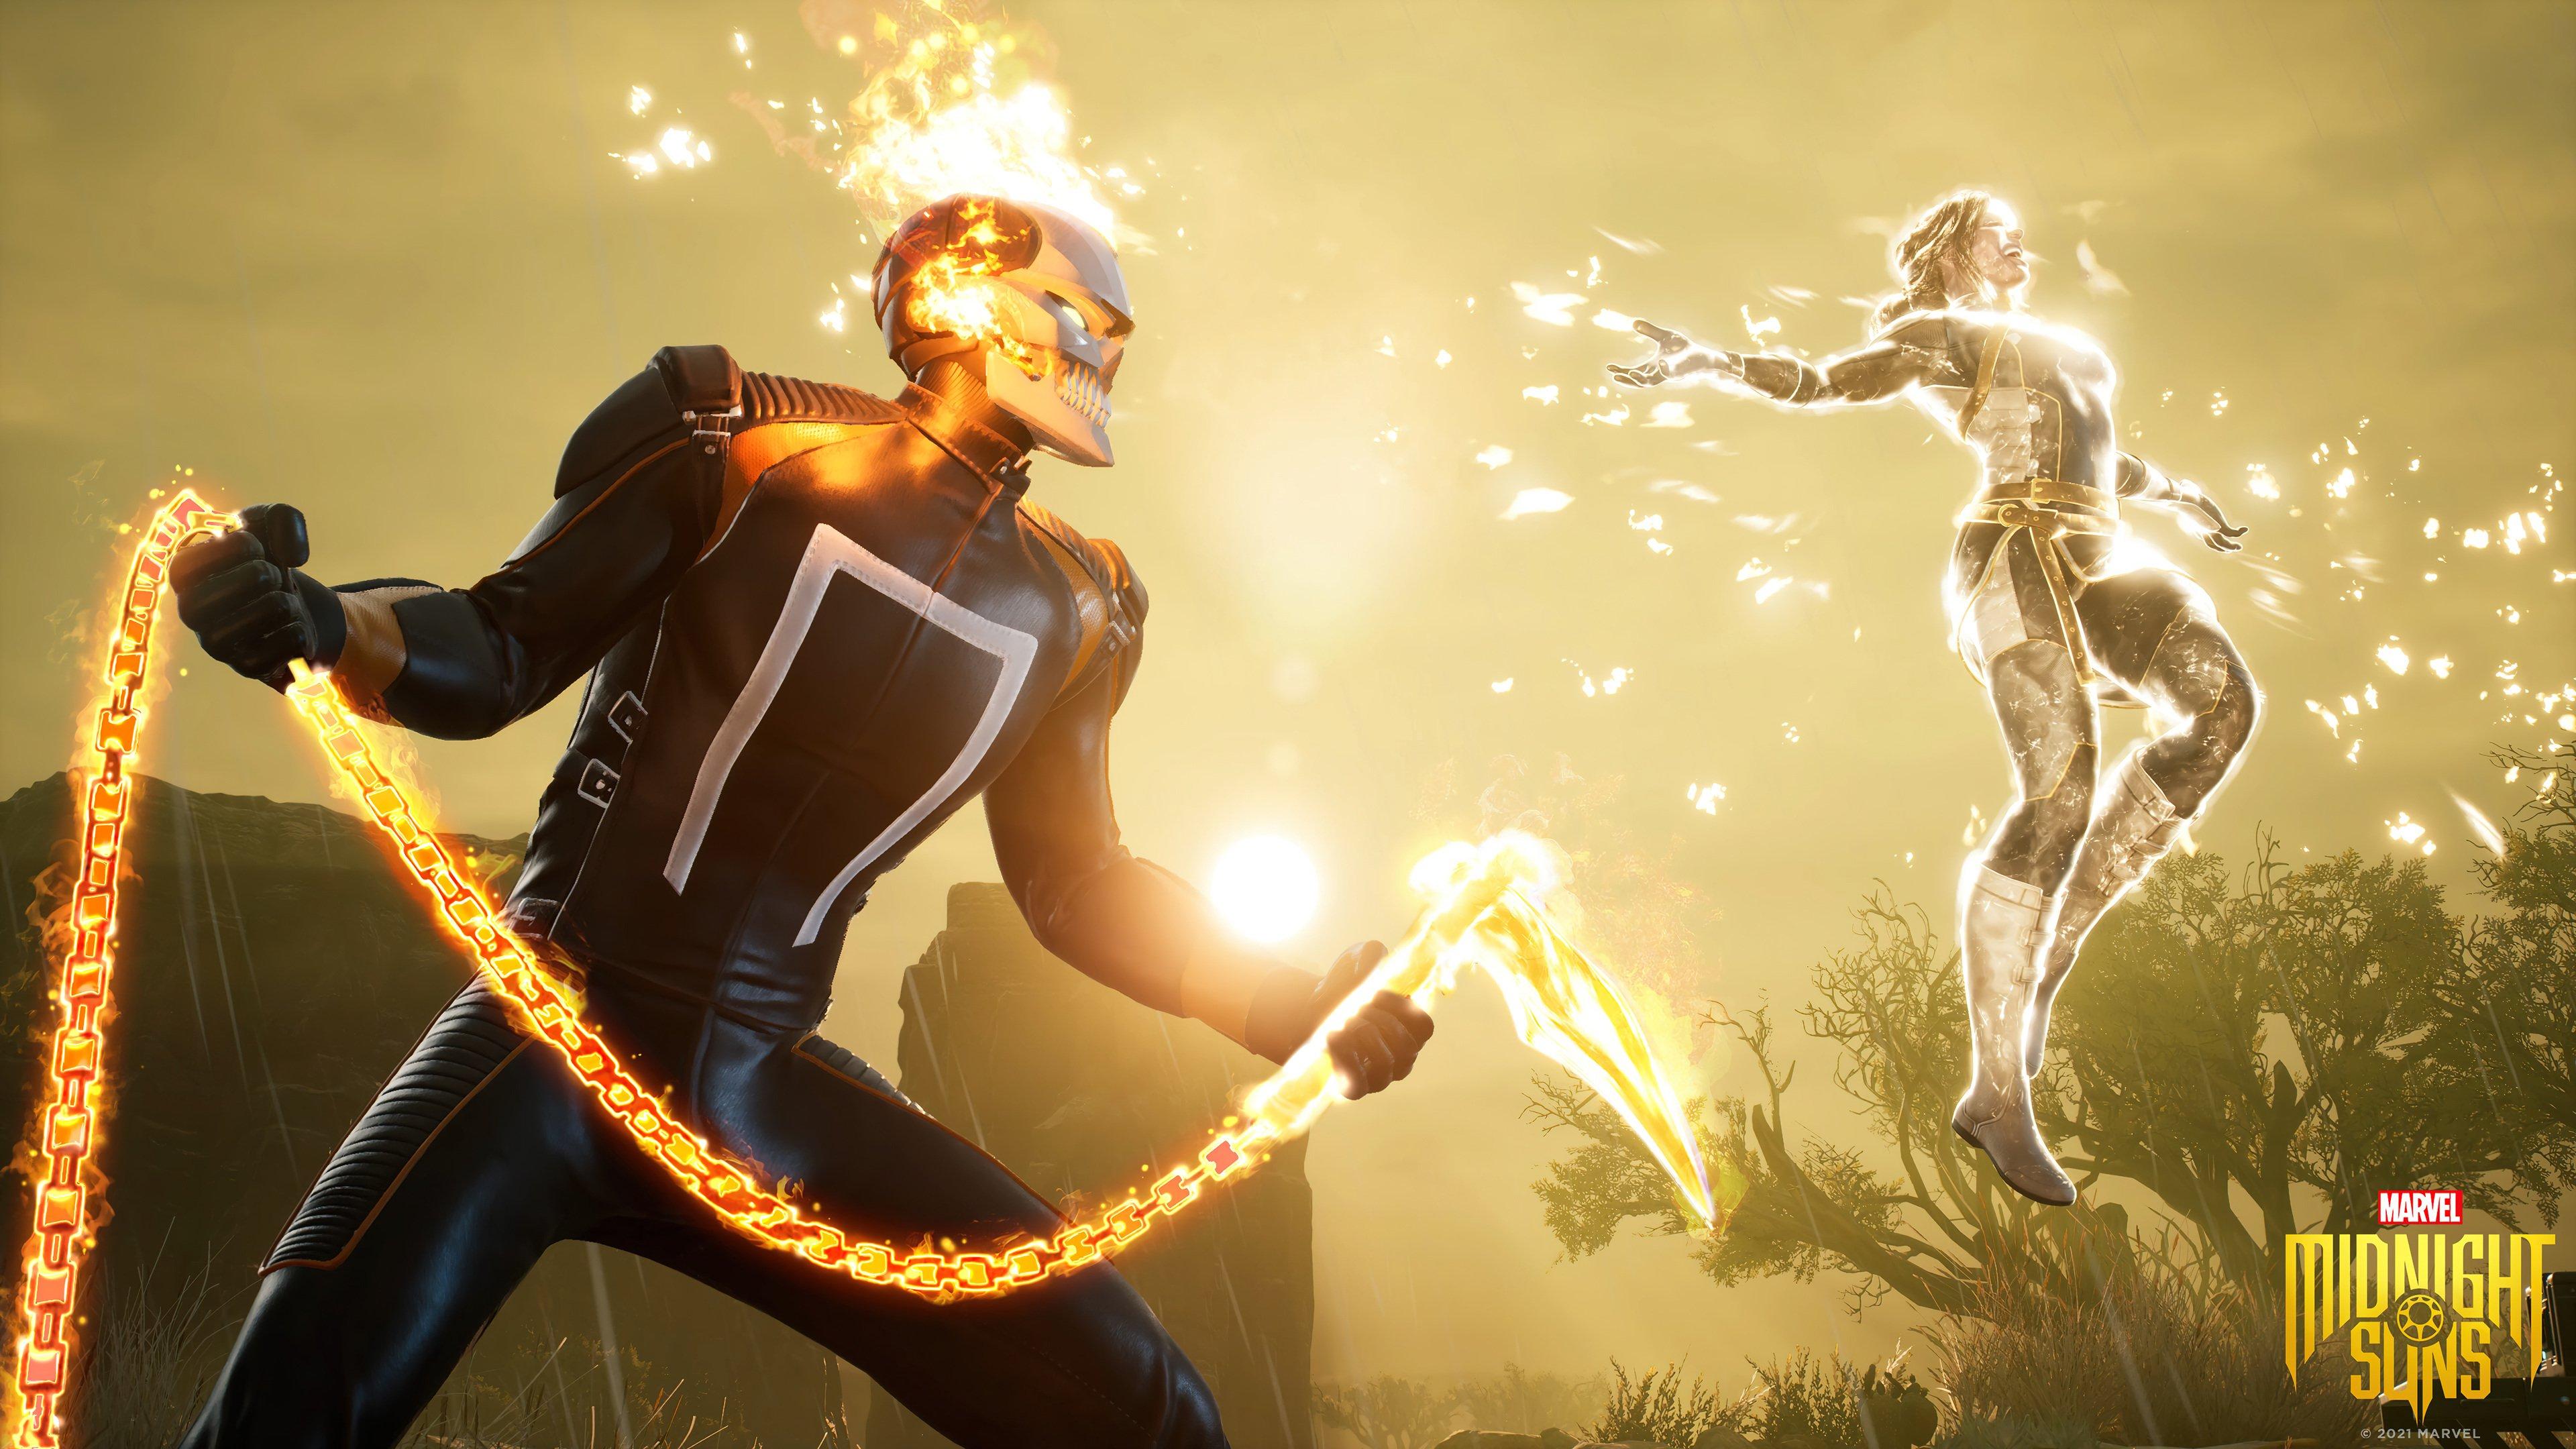 Fondos de pantalla Ghost Rider Marvel's Midnight suns